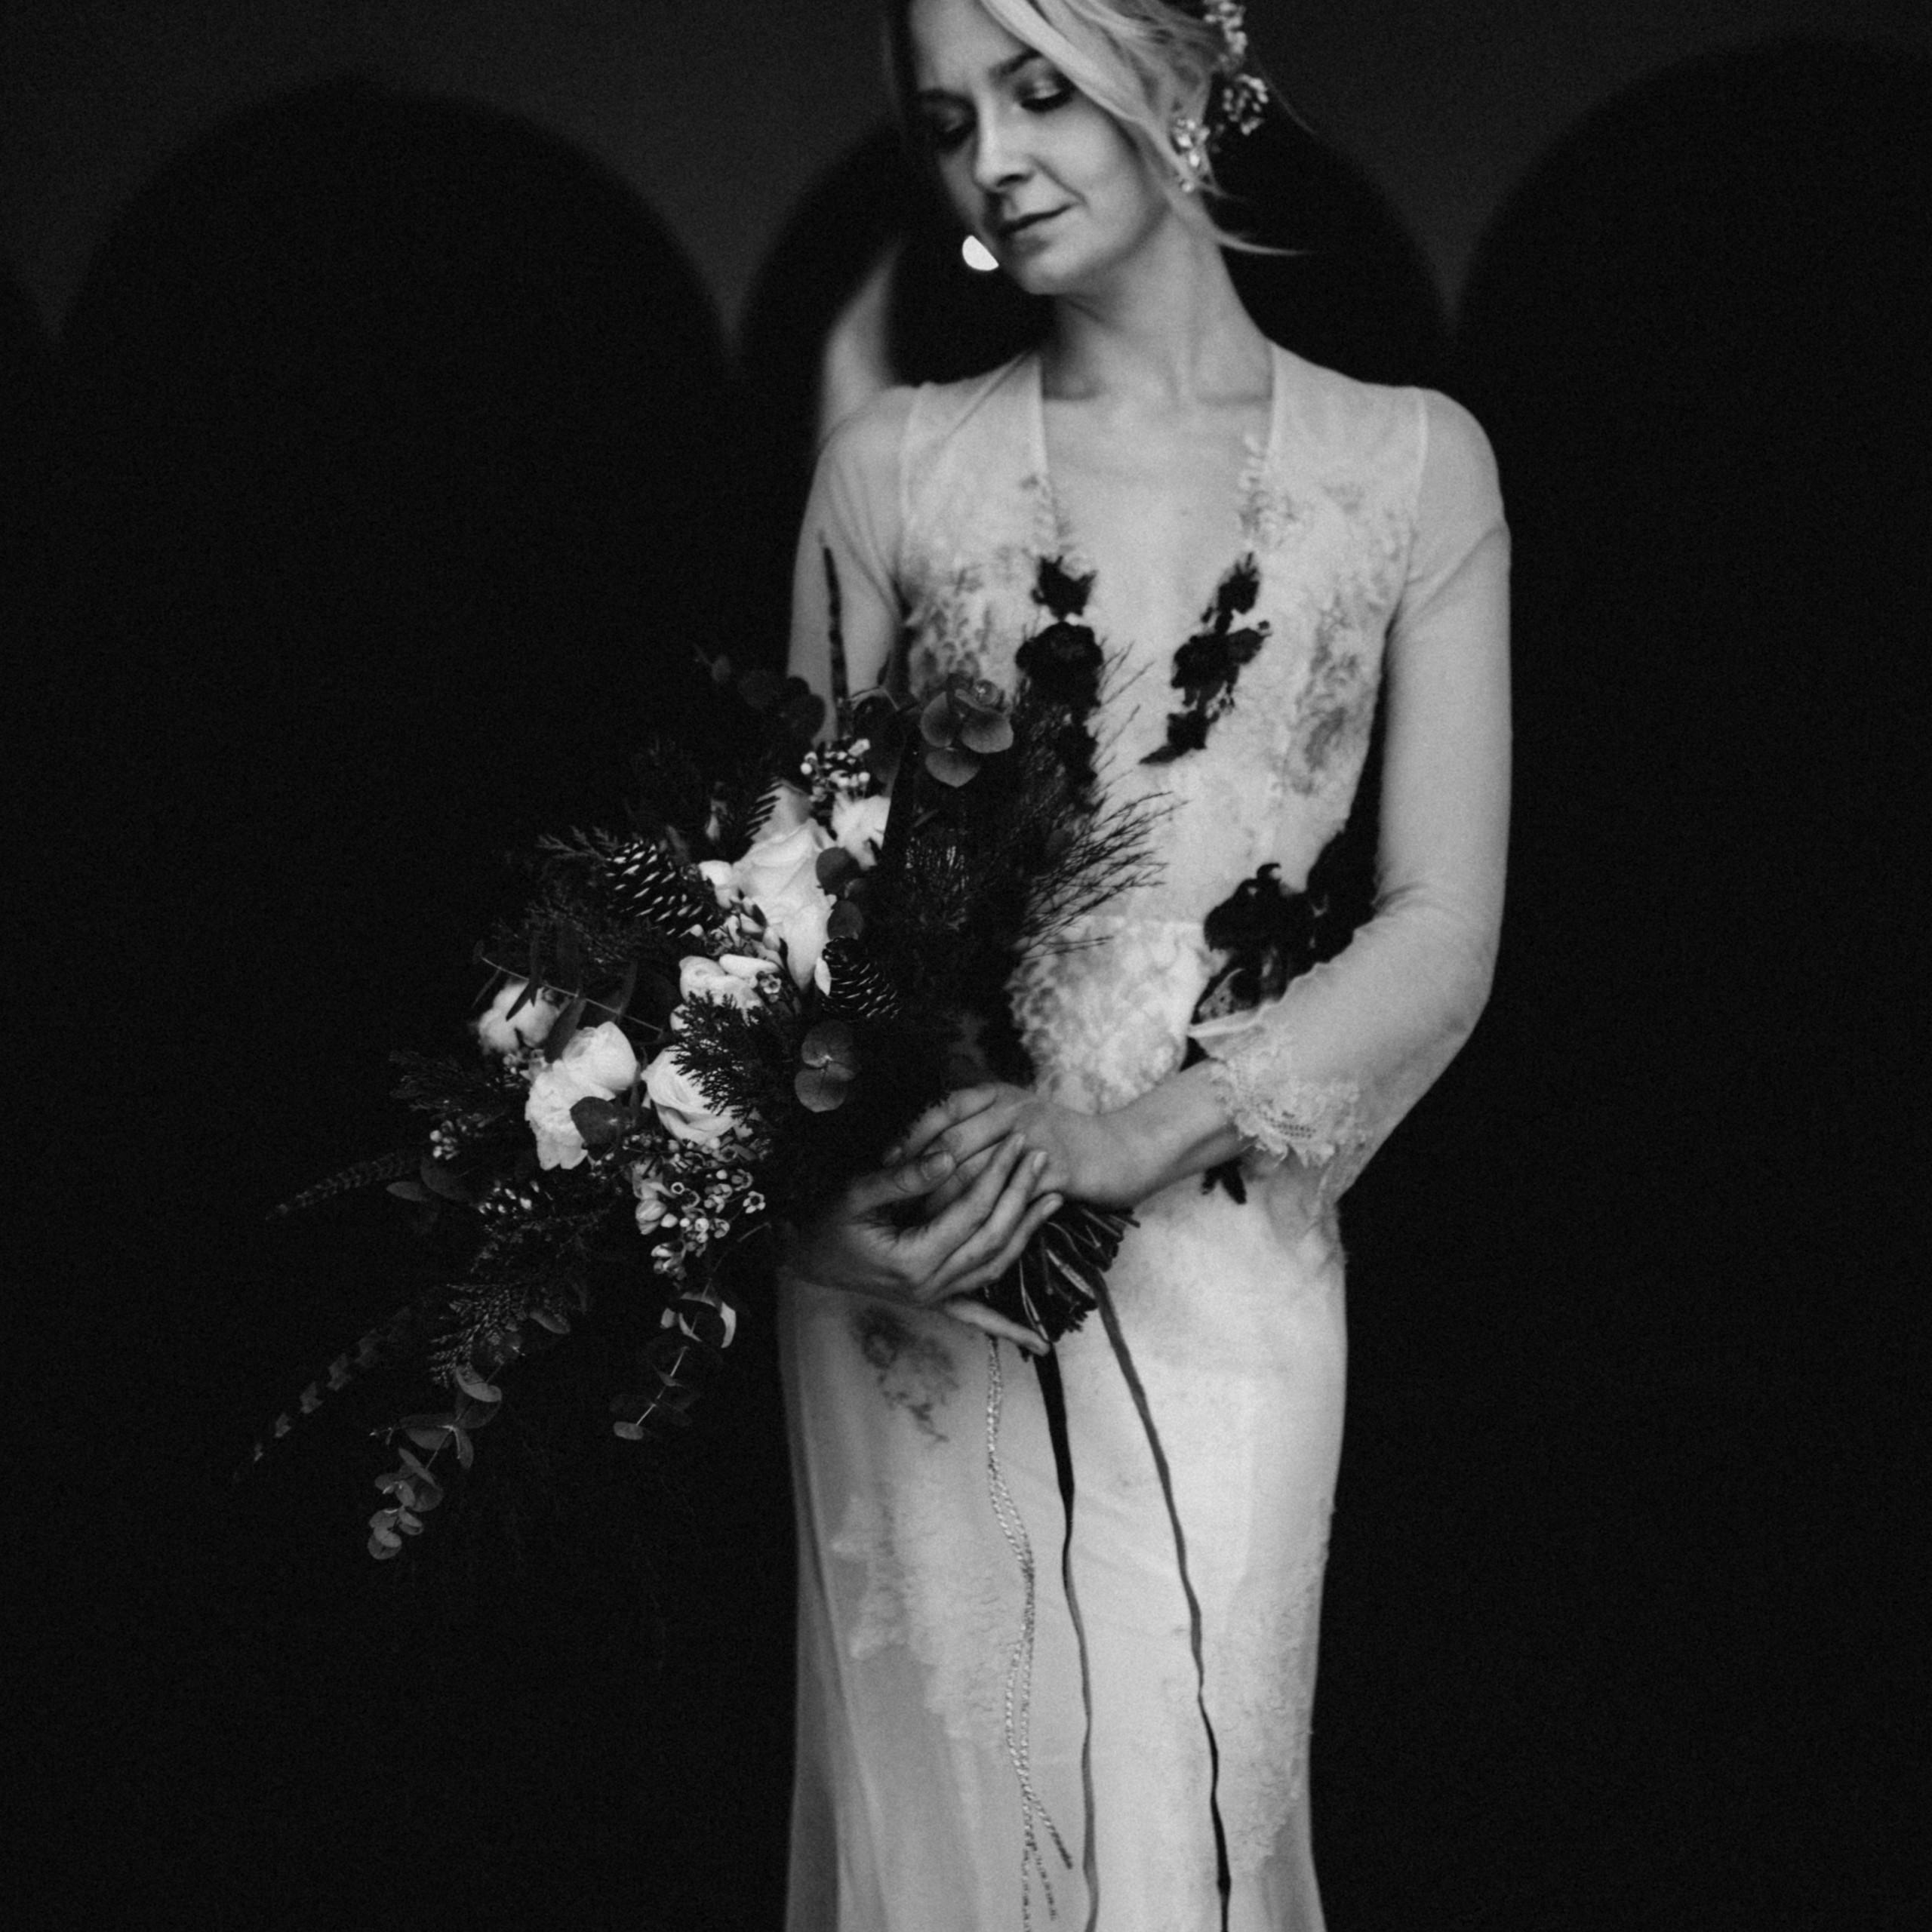 fine-art destination wedding photographer hochzeitsfotografin The Wedding Fox black-and -white